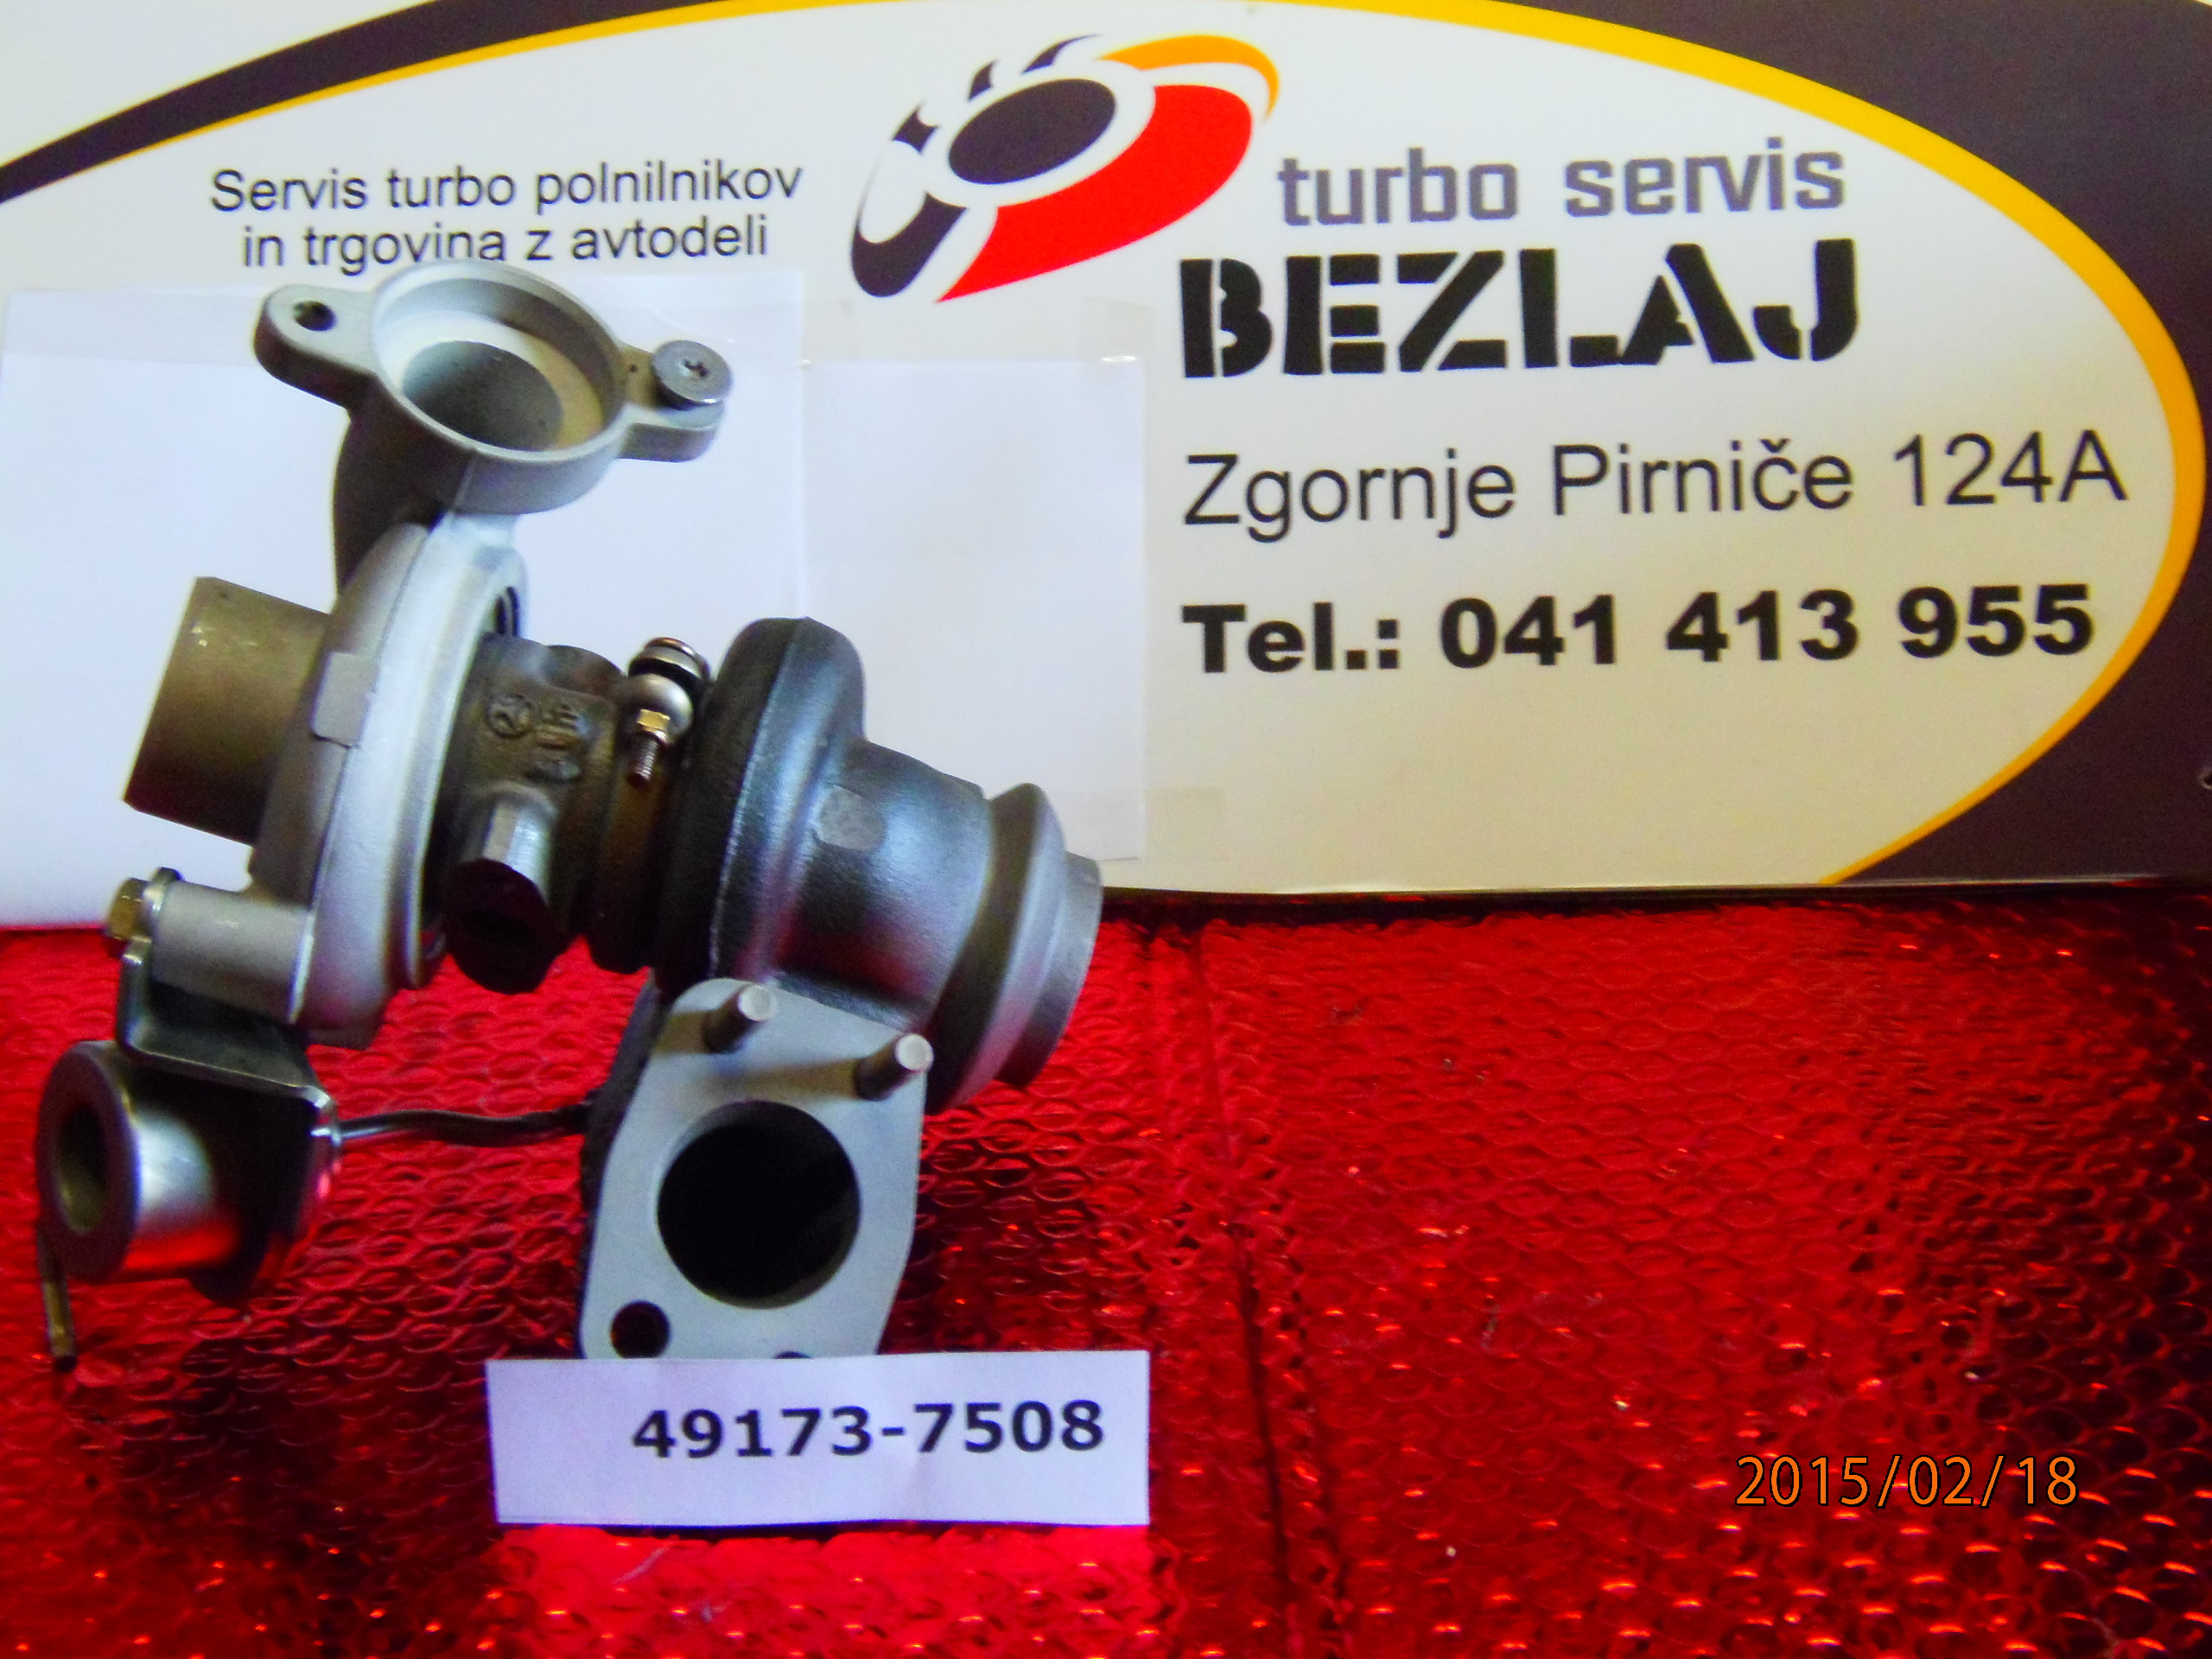 turbo49173-7508 1